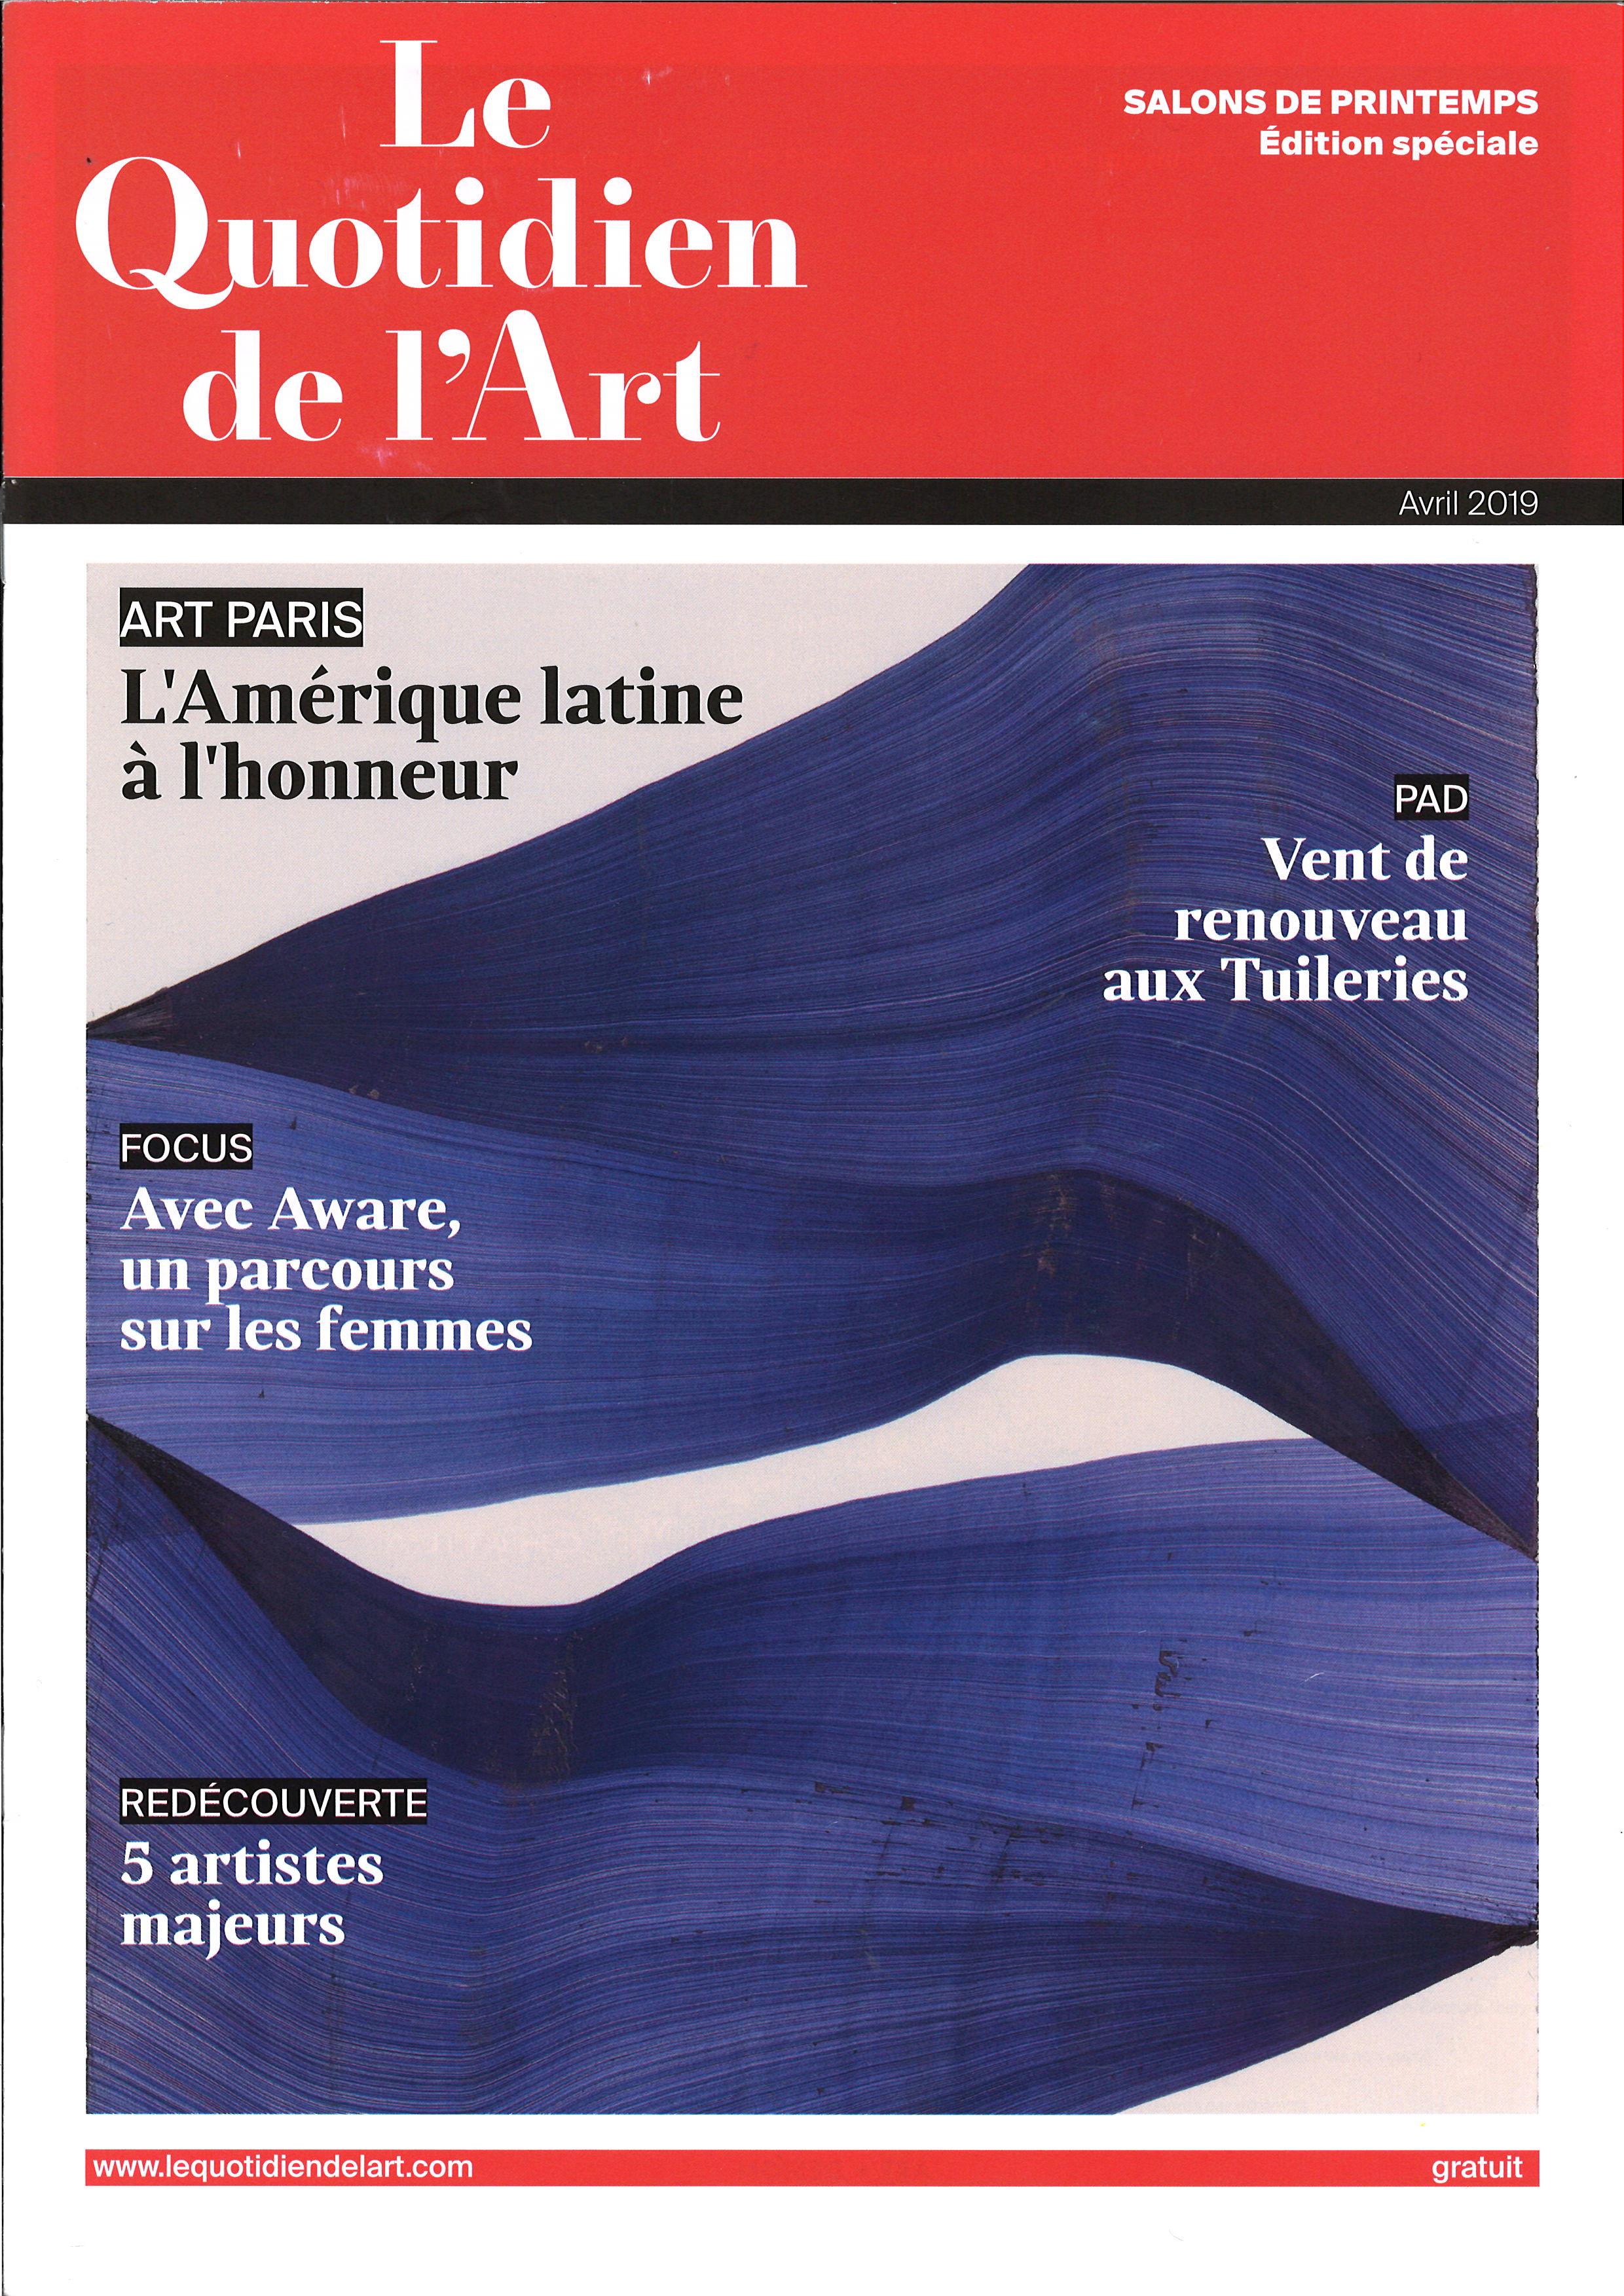 PAD Paris - Le Quotidien de l'Art